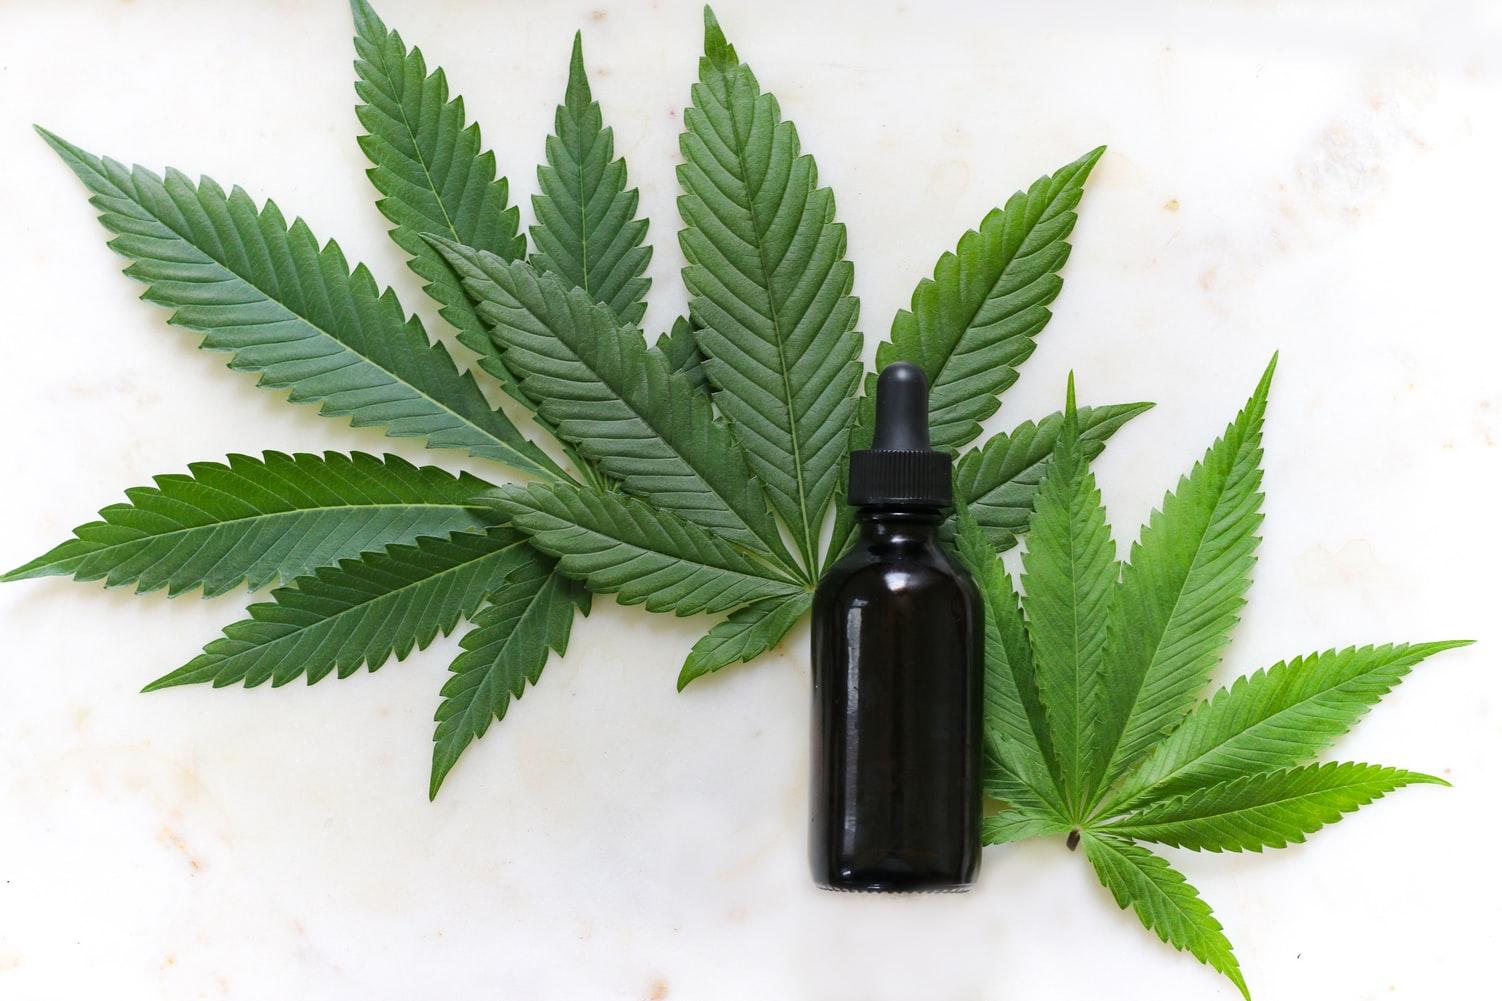 Jak legálně pěstovat marihuanu (konopí)? 3